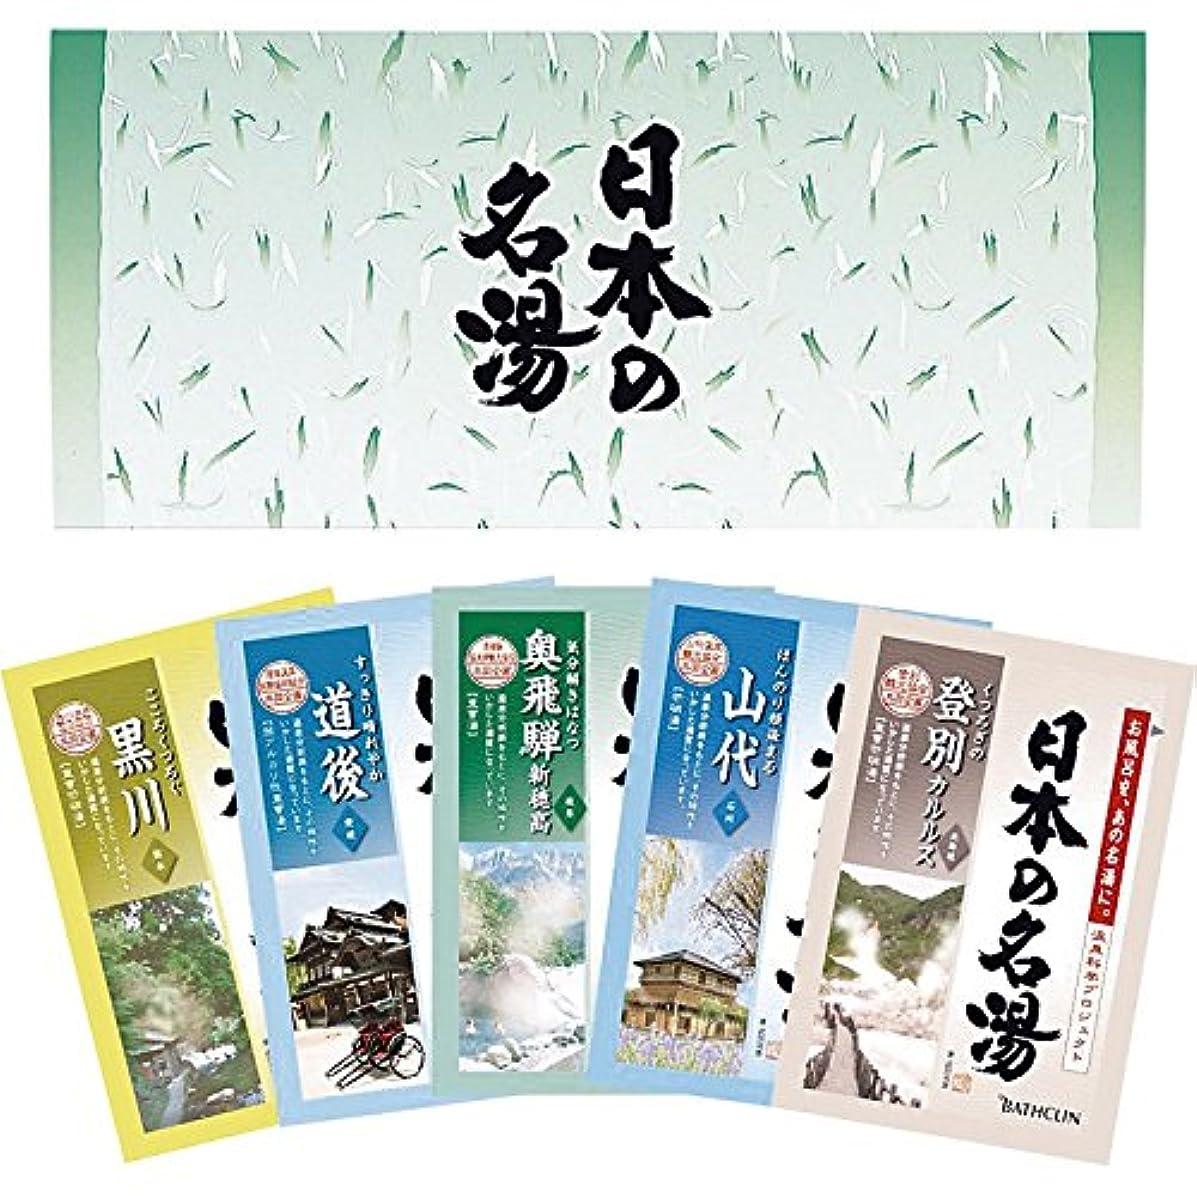 スズメバチあいにく未使用バスクリン 日本の名湯 5包セット 【にゅうよくざい ギフトセット あたたまる あったまる ぽかぽか つめあわせ 詰め合わせ アソート バス用品 お風呂用品 500】